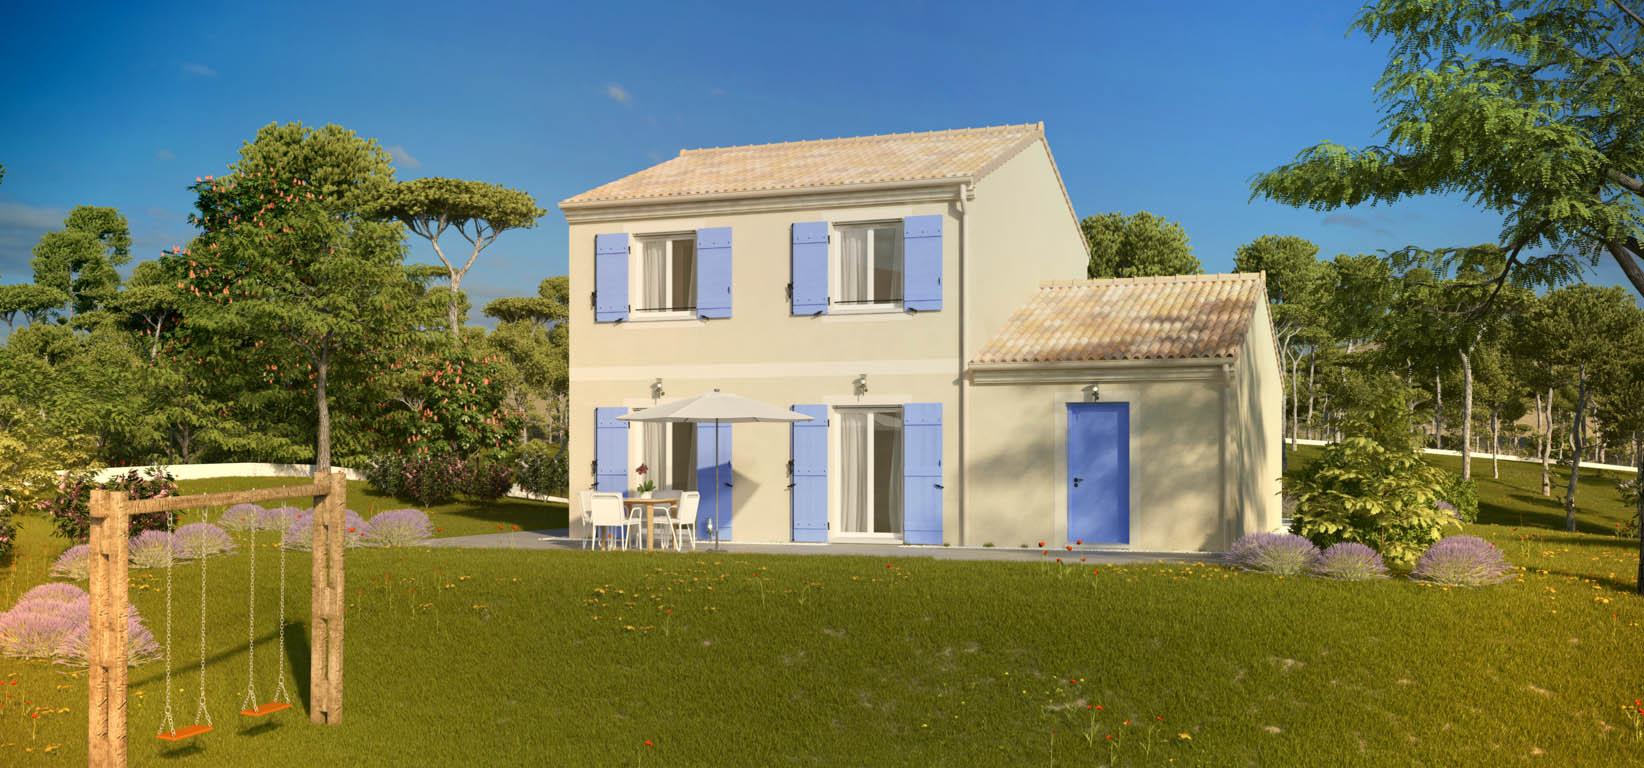 Maisons du constructeur MAISONS PIERRE SAINT NAZAIRE • 92 m² • DONGES